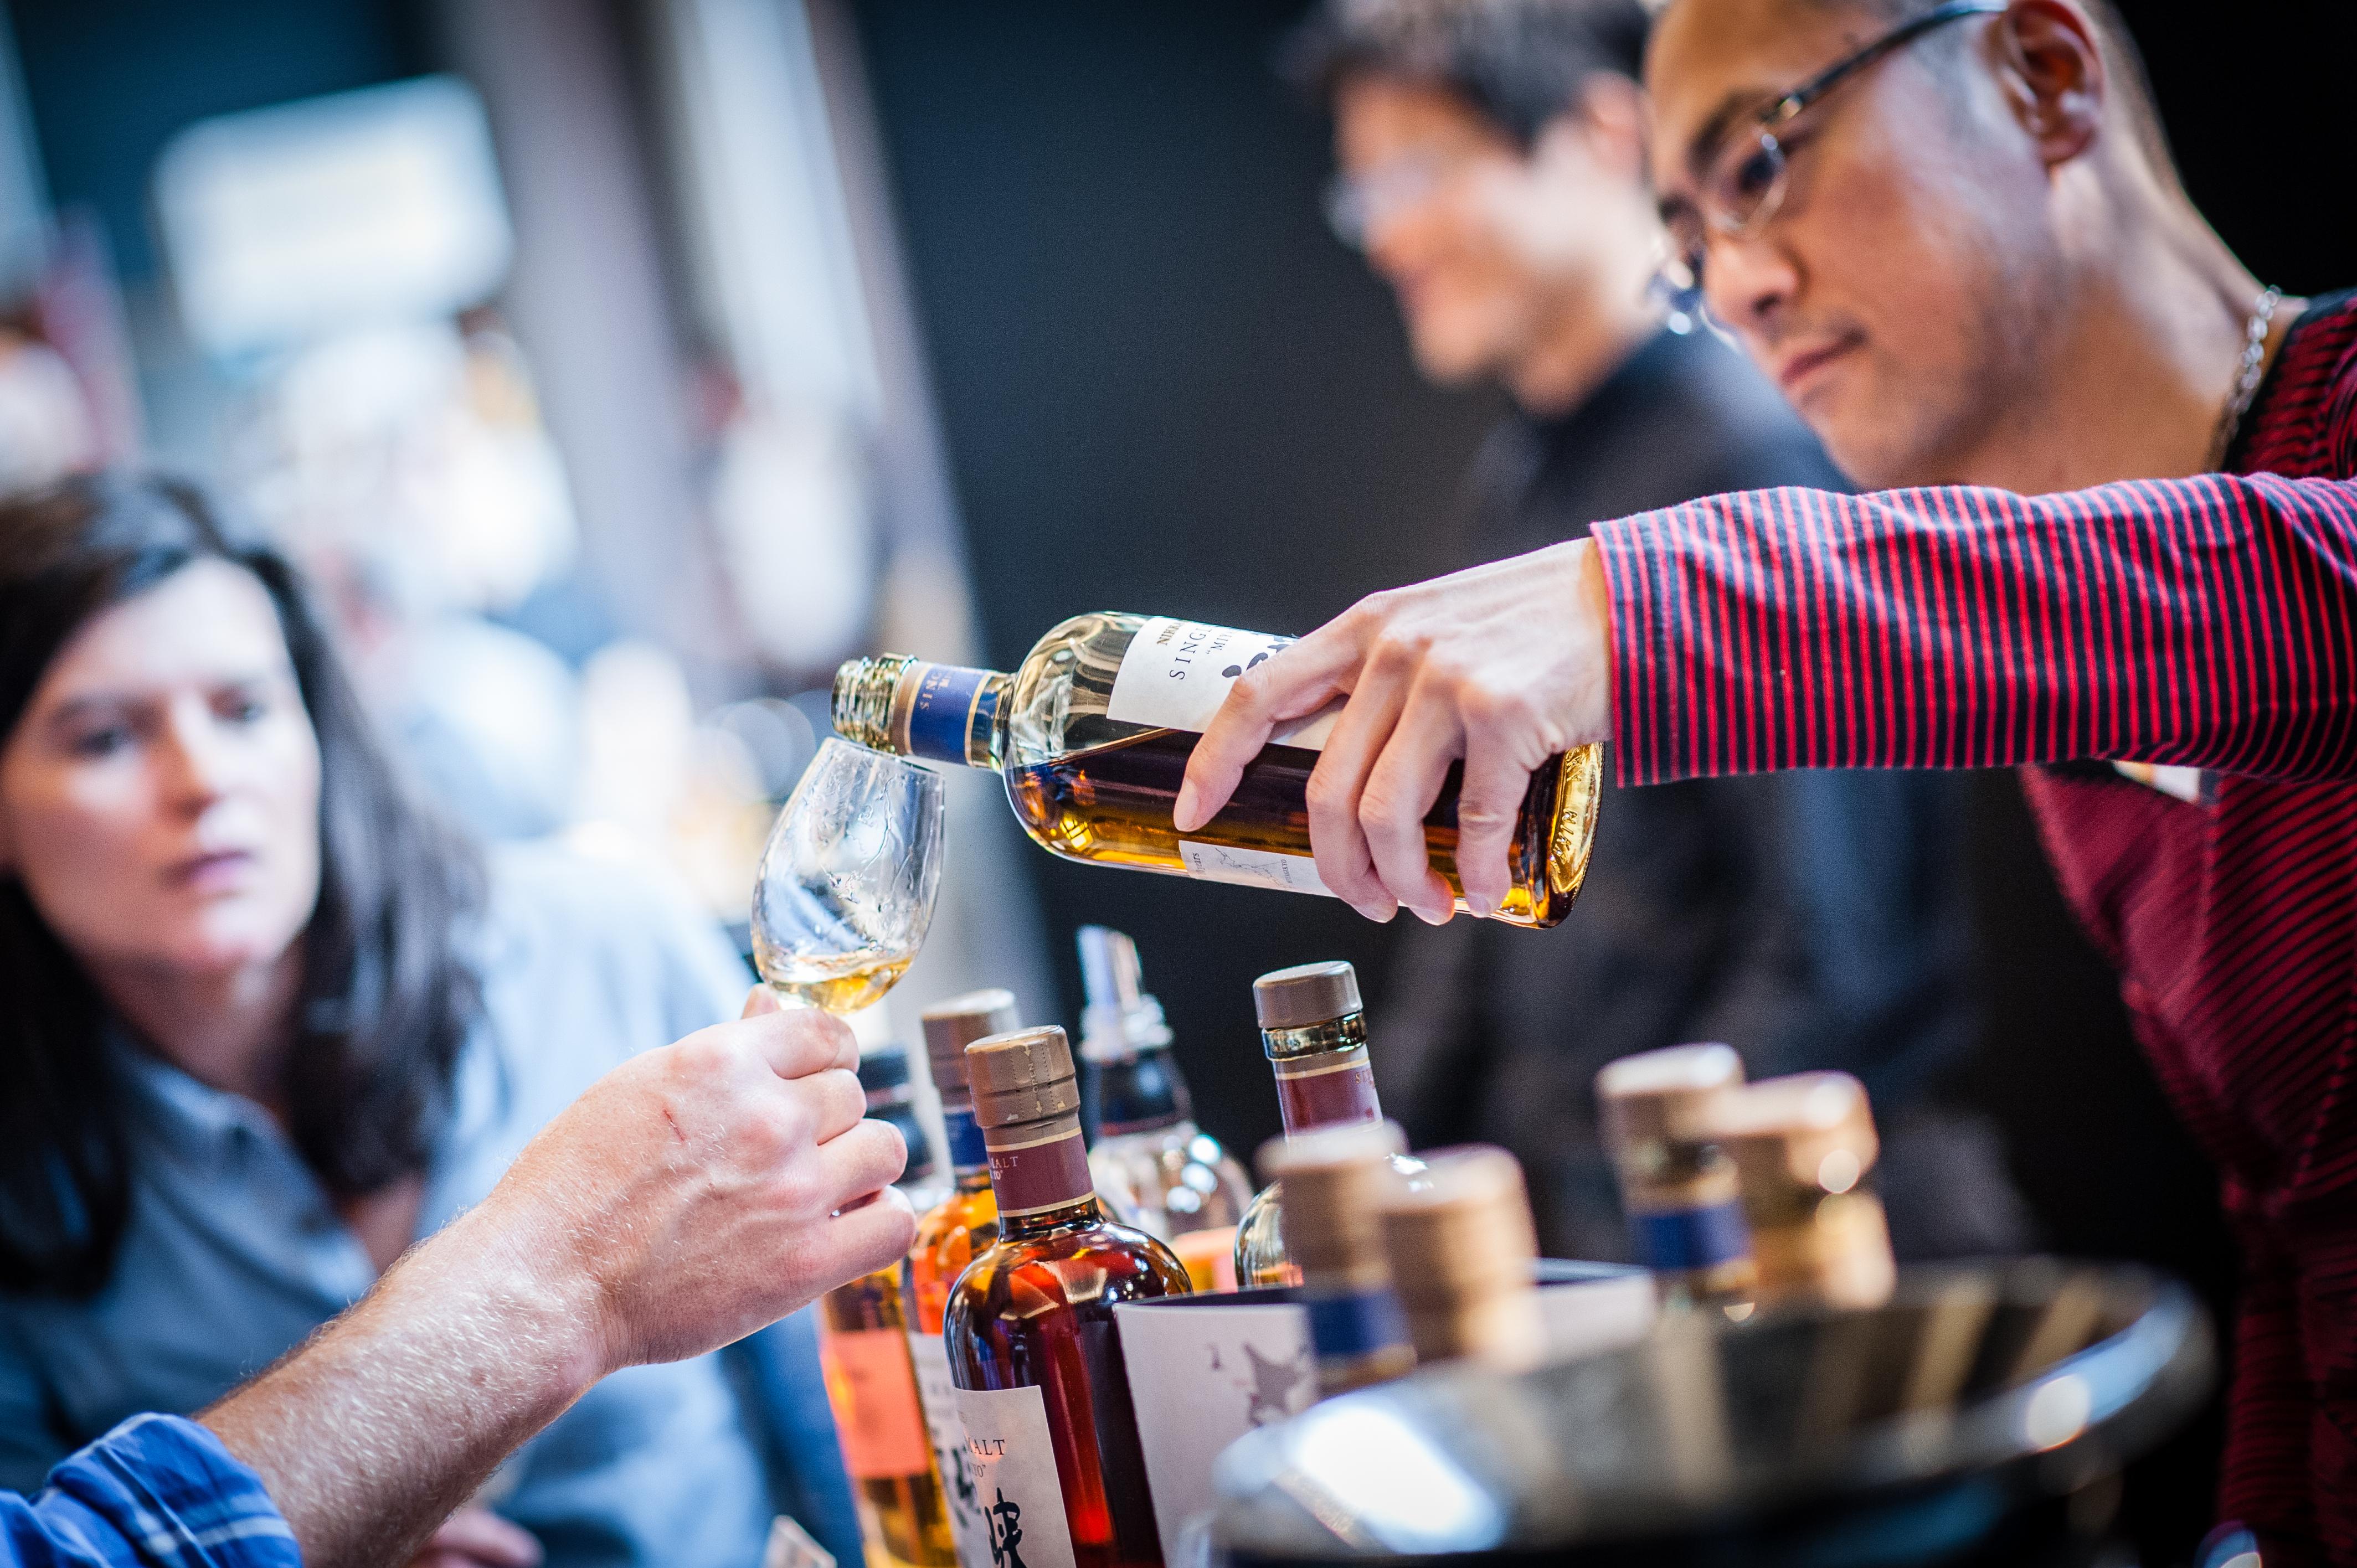 L'abus d'alcool est dangereux pour la santé. A consommer avec modération.